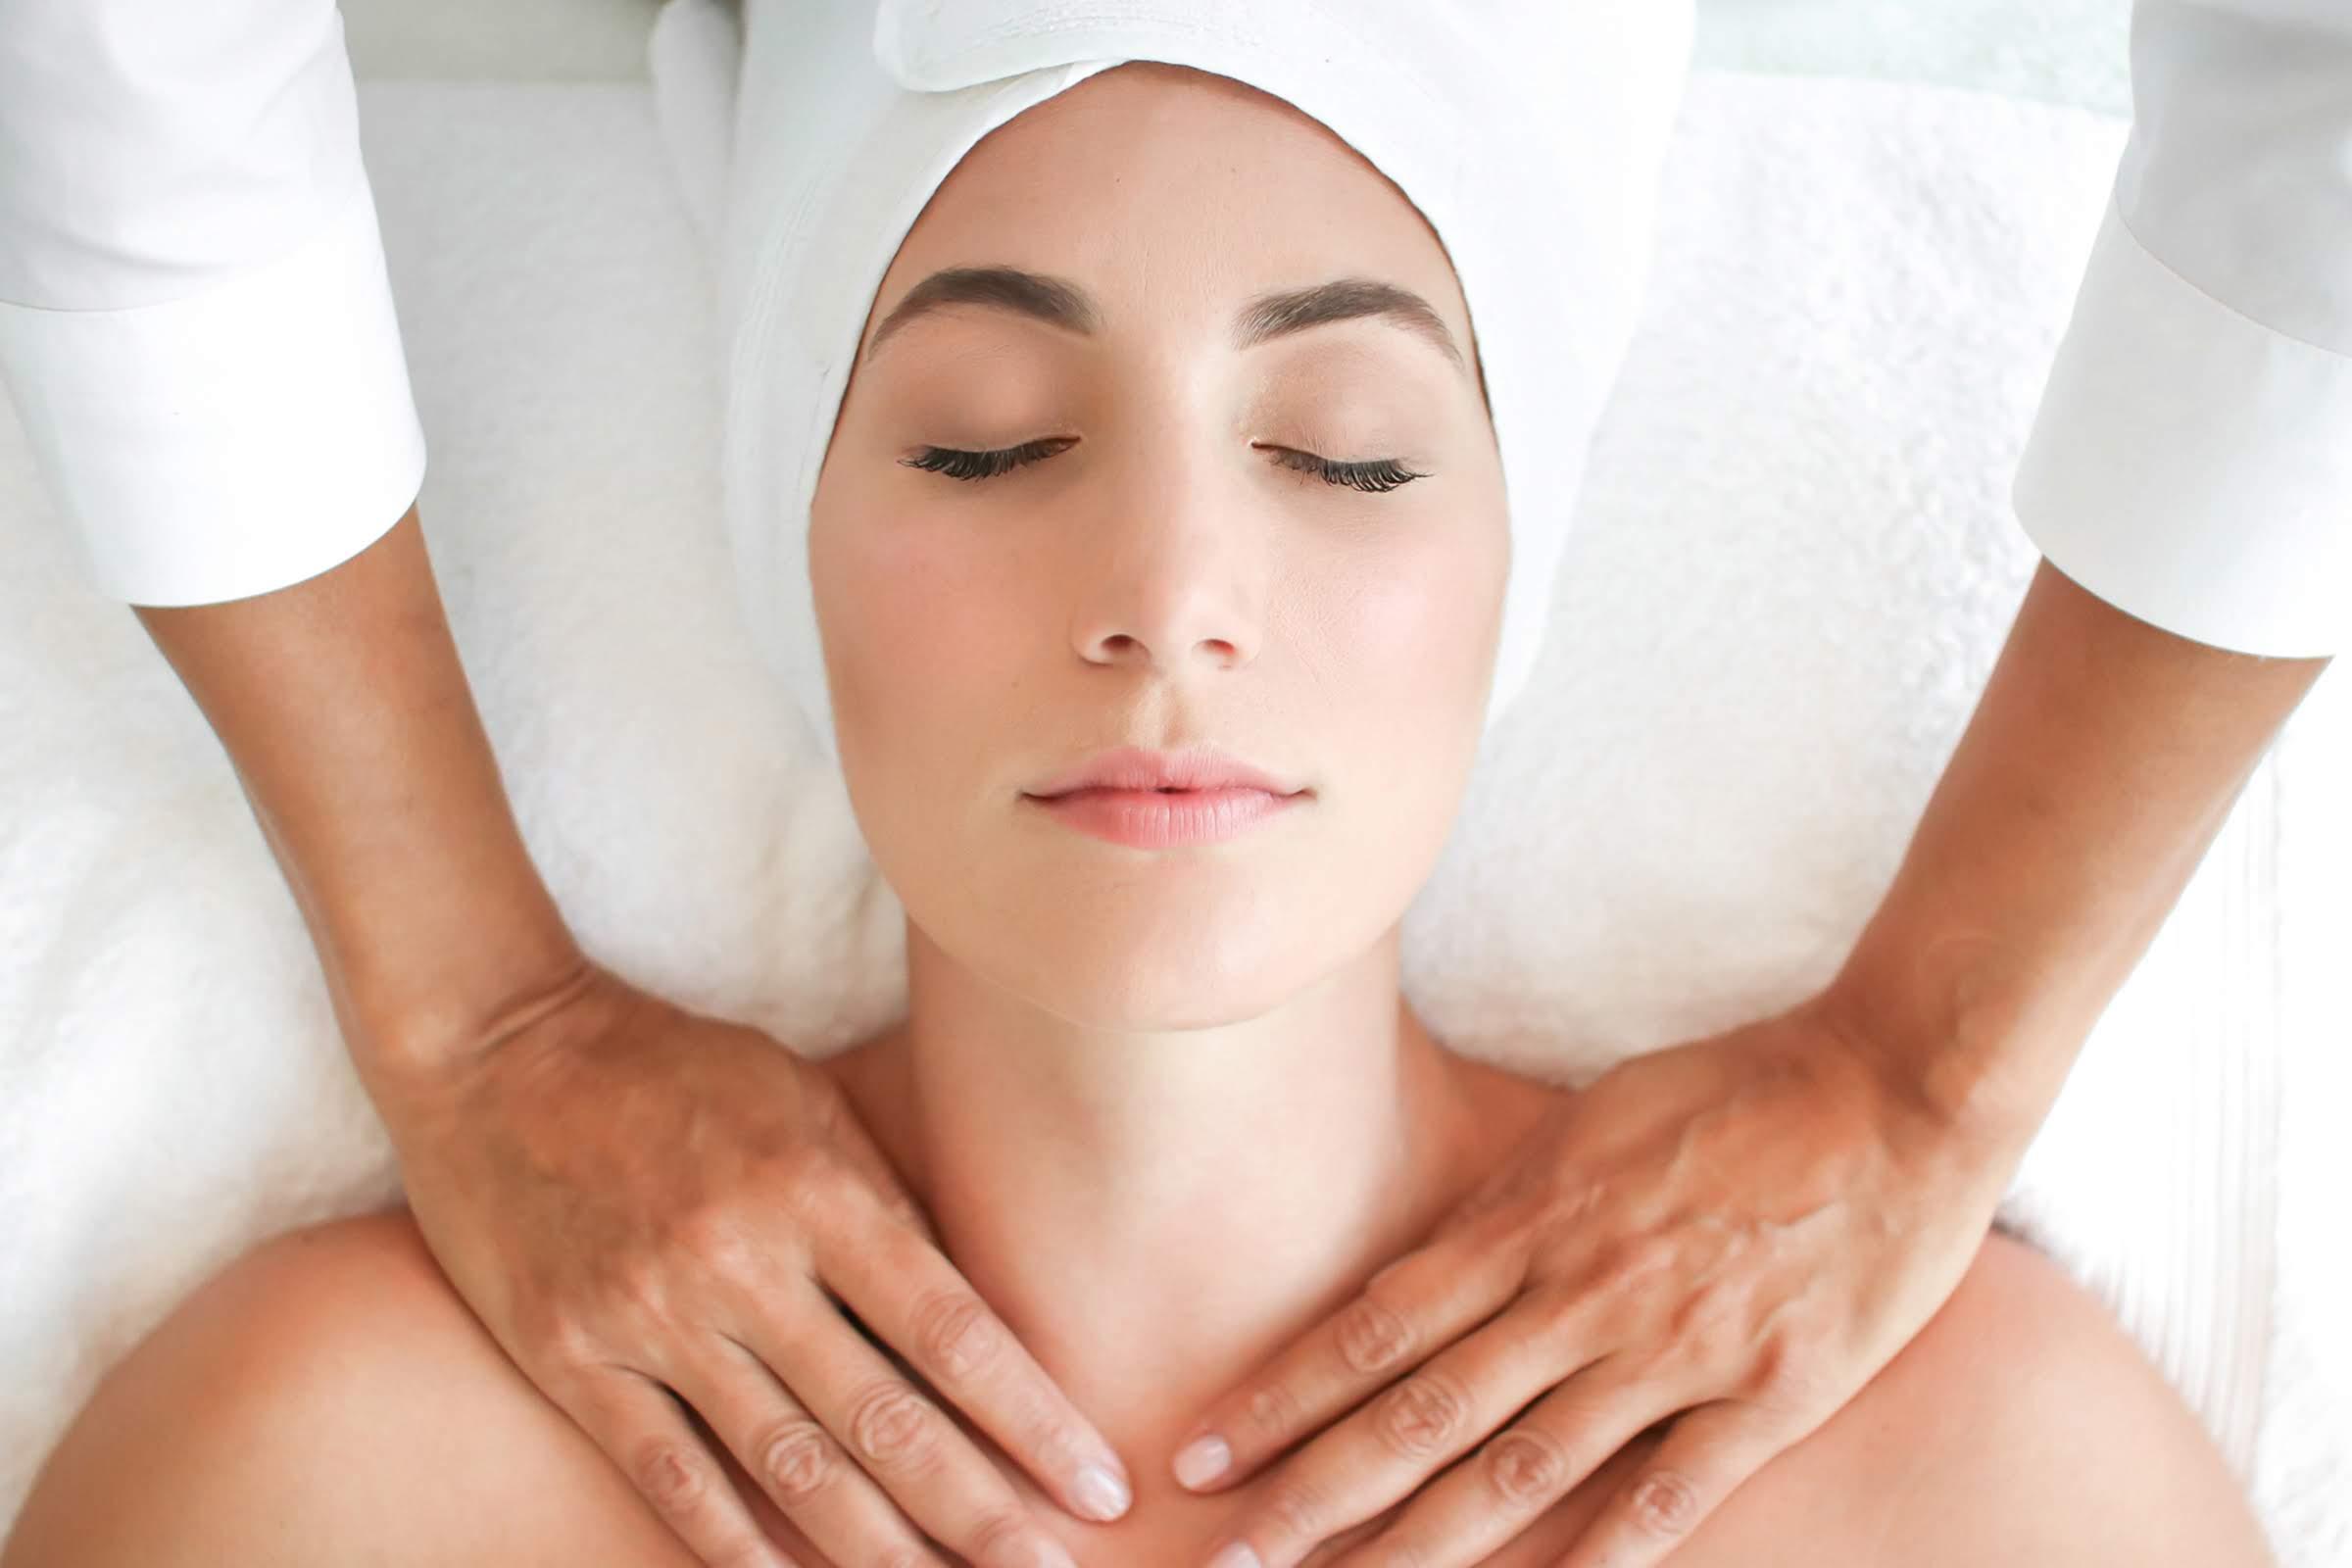 Body Restoration - Resurfacing, Contouring, Slimming, Smoothing